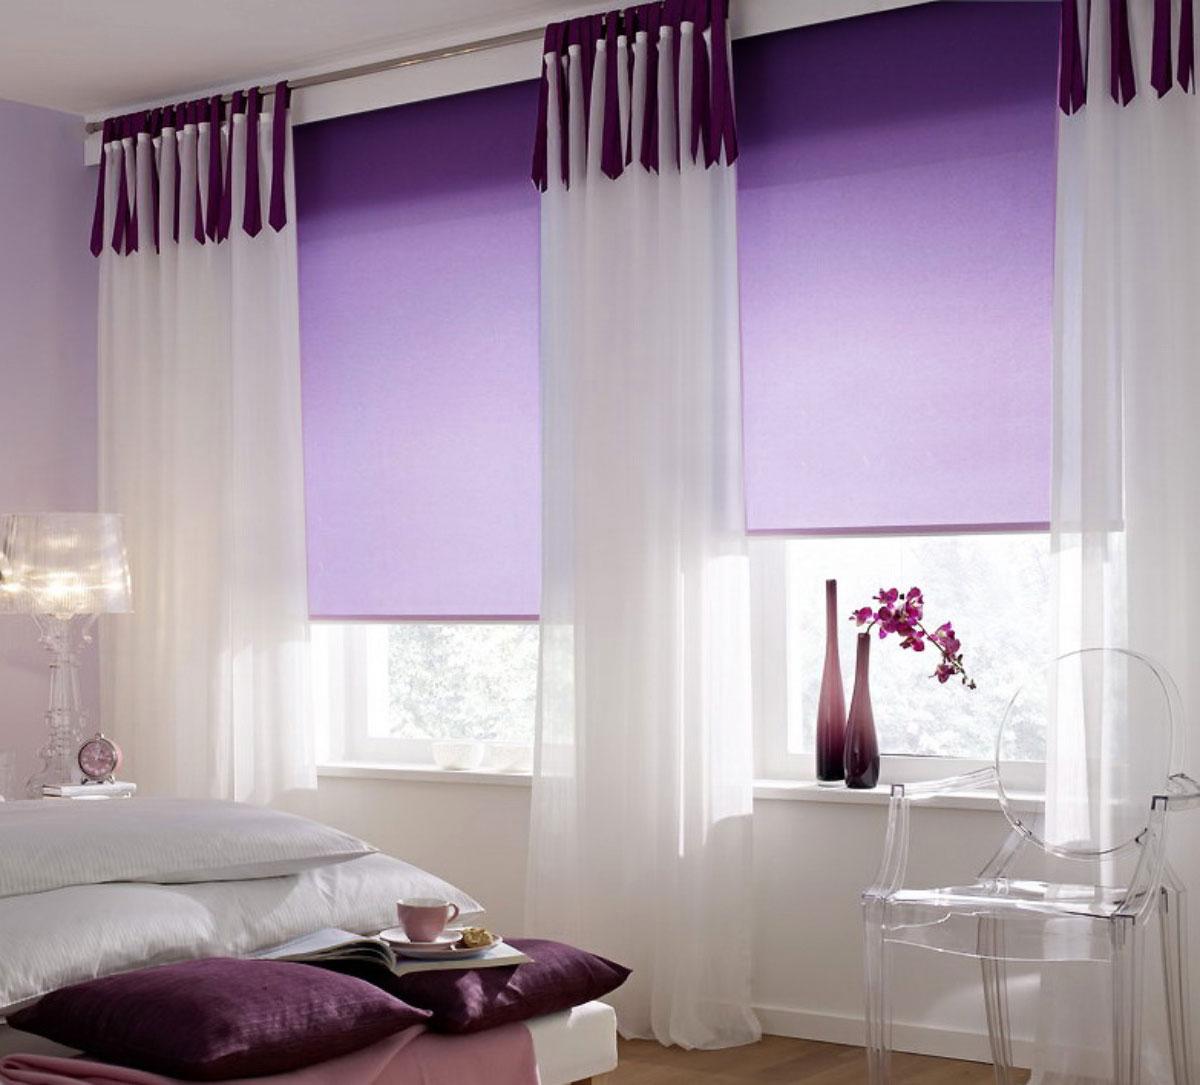 Штора рулонная Миниролло, 52х170см, тканевые, цвет: фиолетовый3052007Рулонная штора Миниролло выполнена из высокопрочной ткани, которая сохраняет свой размер даже при намокании. Ткань не выцветает и обладает отличной цветоустойчивостью. Миниролло - это подвид рулонных штор, который закрывает не весь оконный проем, а непосредственно само стекло. Такие шторы крепятся на раму без сверления при помощи зажимов или клейкой двухсторонней ленты. Окно остается на гарантии, благодаря монтажу без сверления. Такая штора станет прекрасным элементом декора окна и гармонично впишется в интерьер любого помещения.